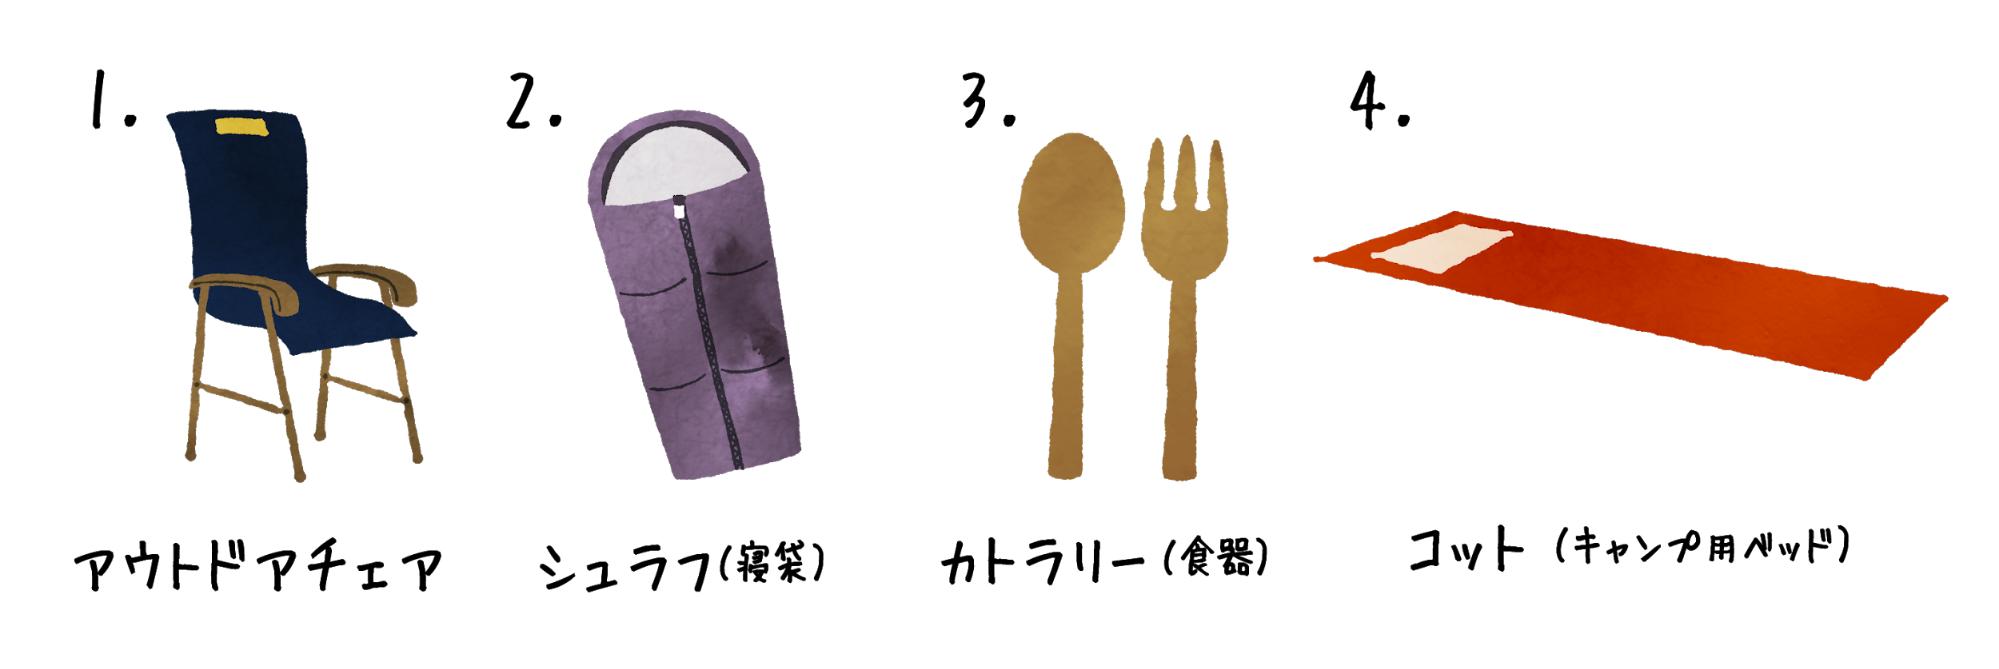 キャンプ用品、初心者が最初に買うならこの4種類!